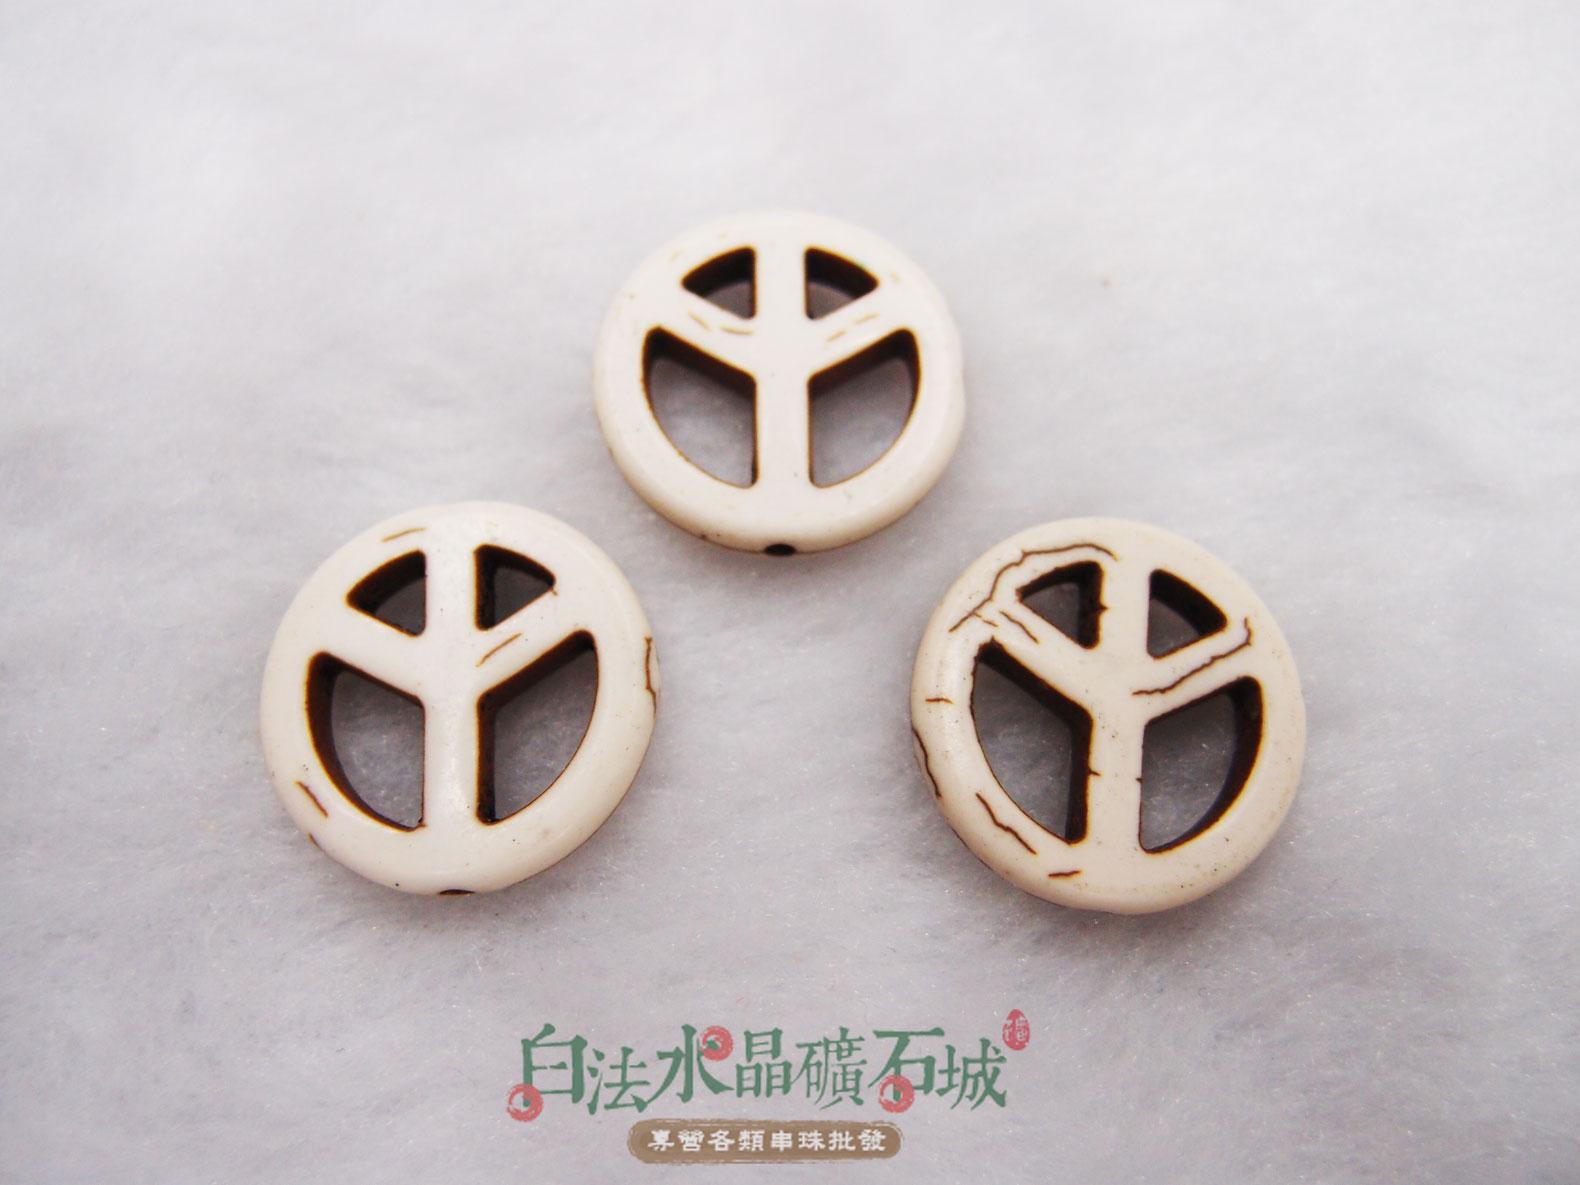 白法水晶礦石城    白松石-20mm 民族風圖騰 串珠/條珠 首飾材料